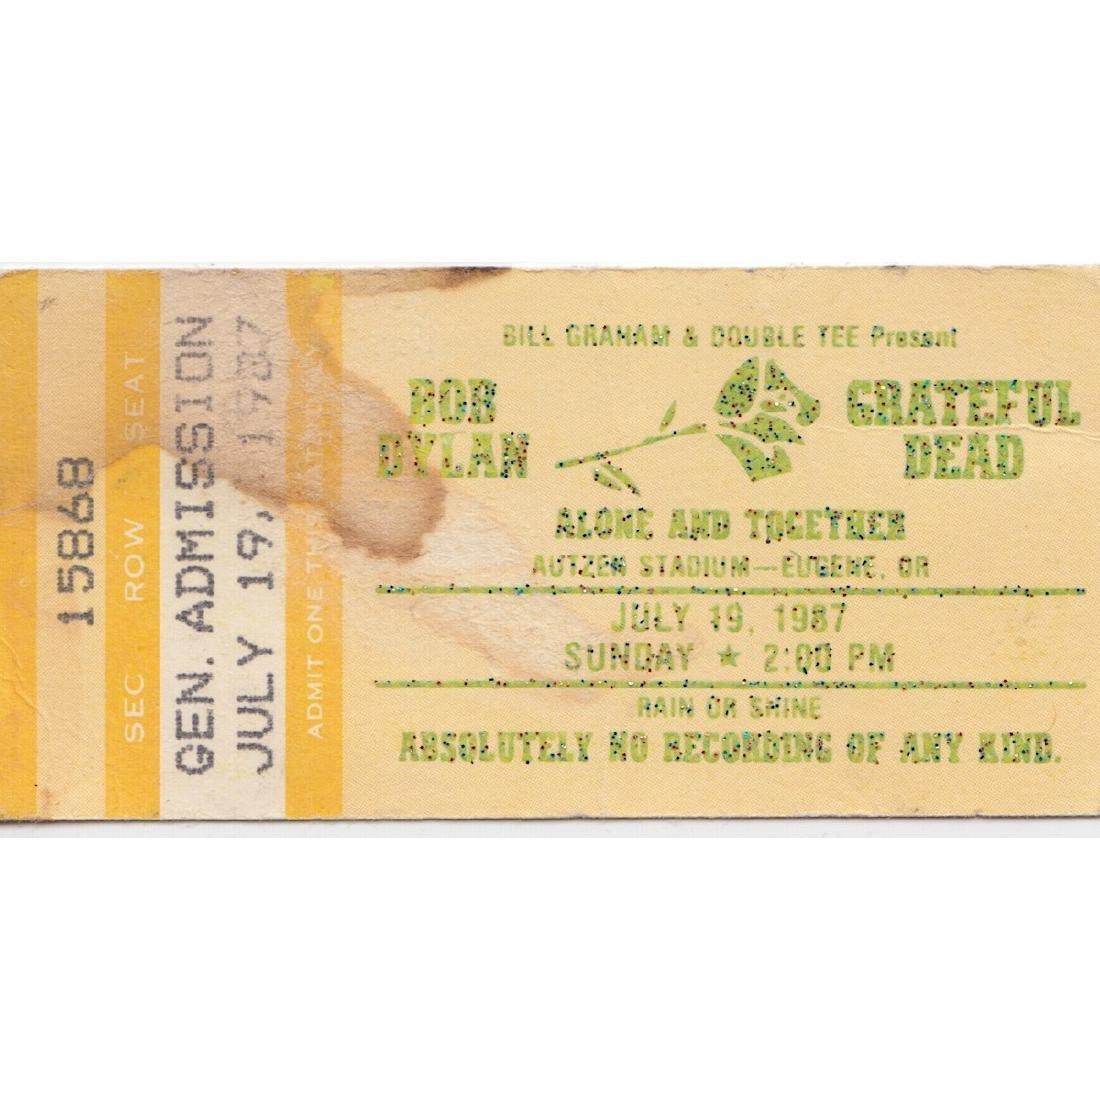 Grateful Dead - Bob Dylan - 1987 Vintage Concert Ticket